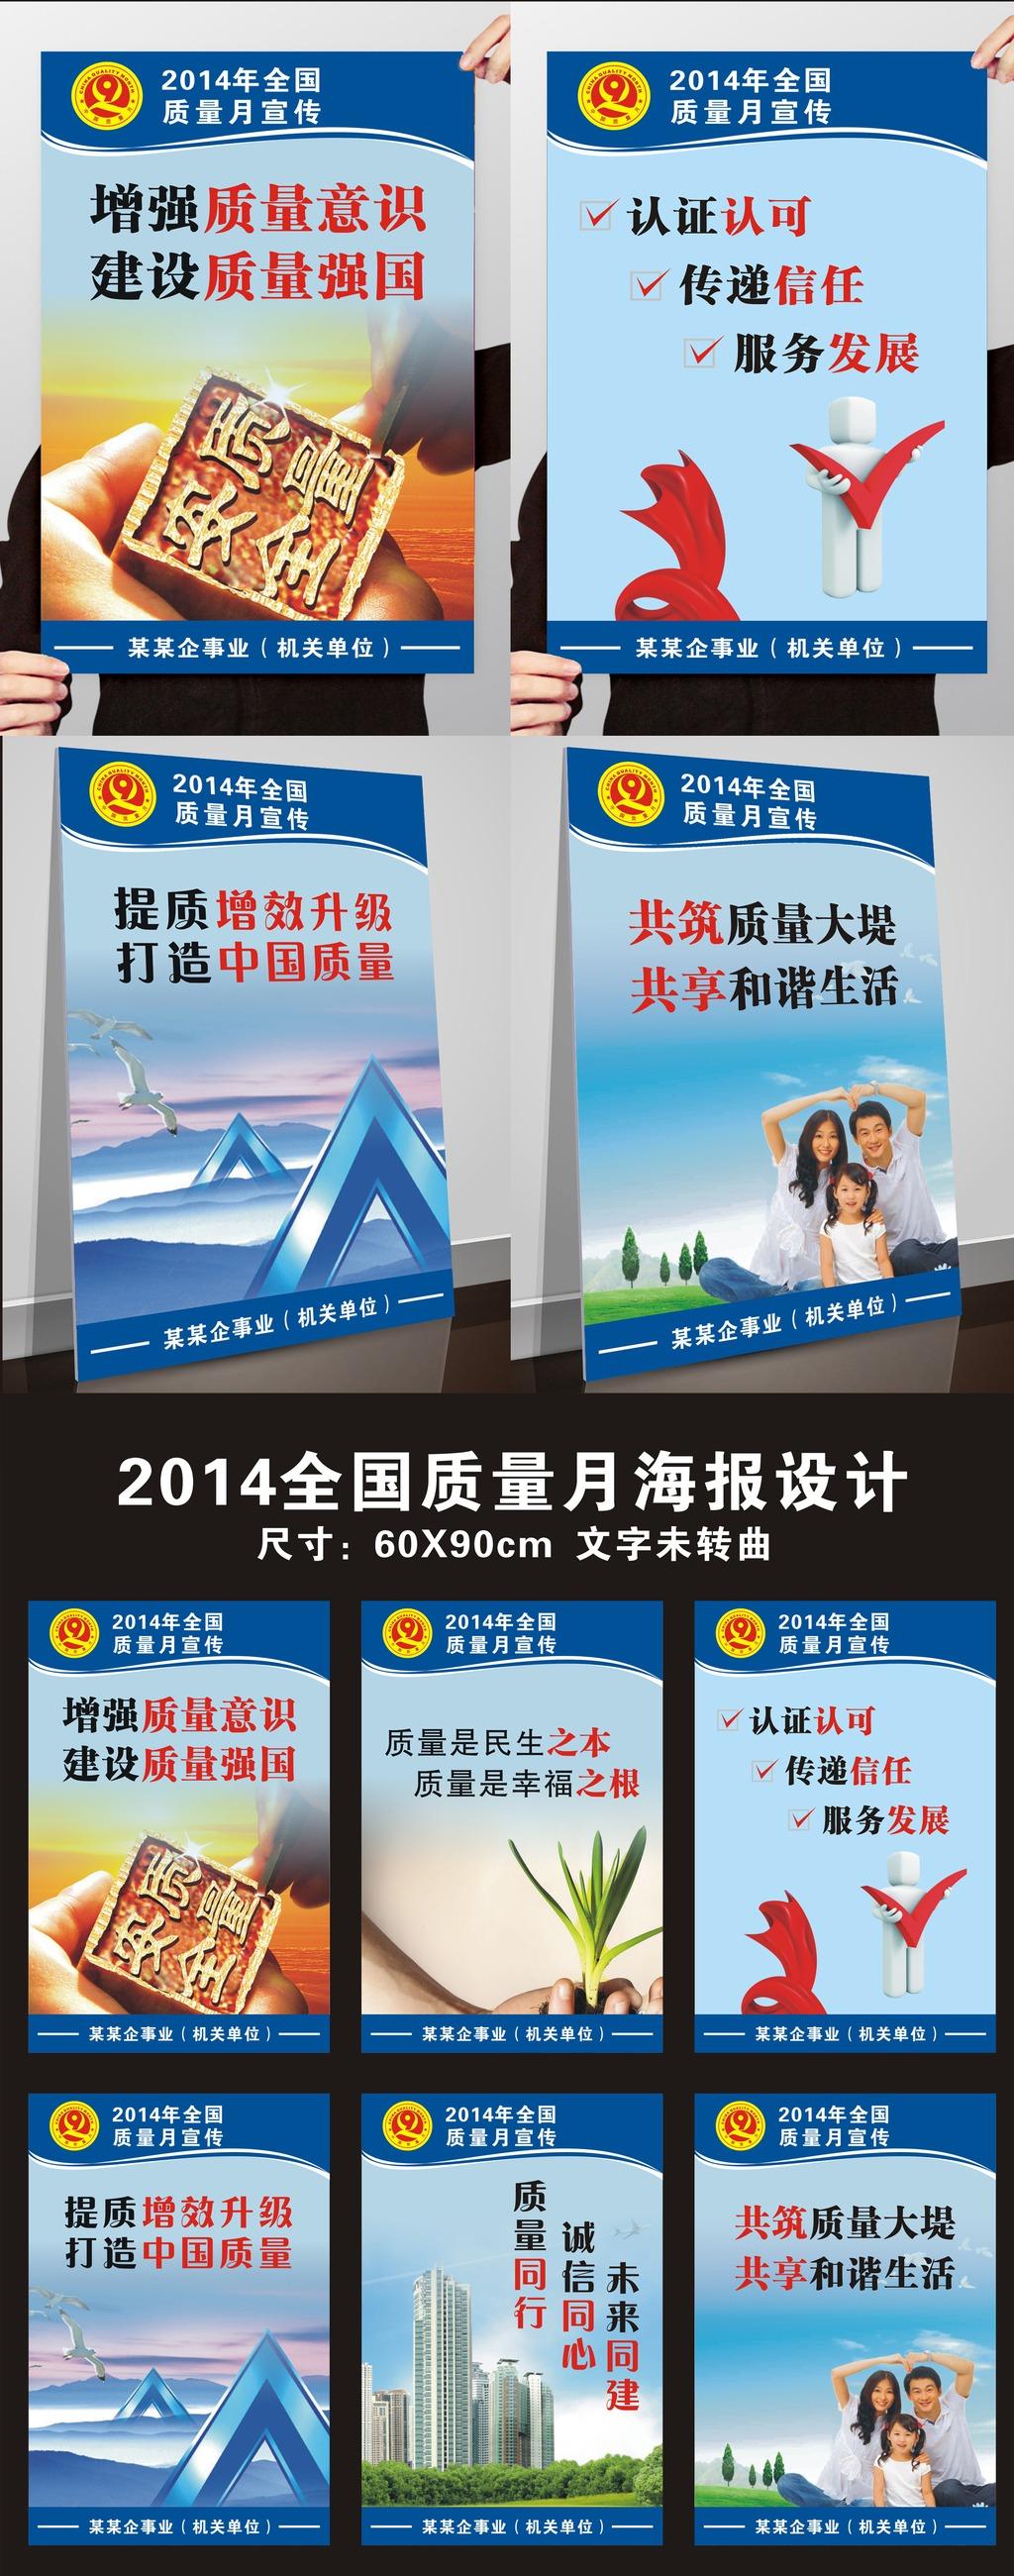 2014全国质量月海报宣传设计模板下载 2014全国质量月海报宣传设计